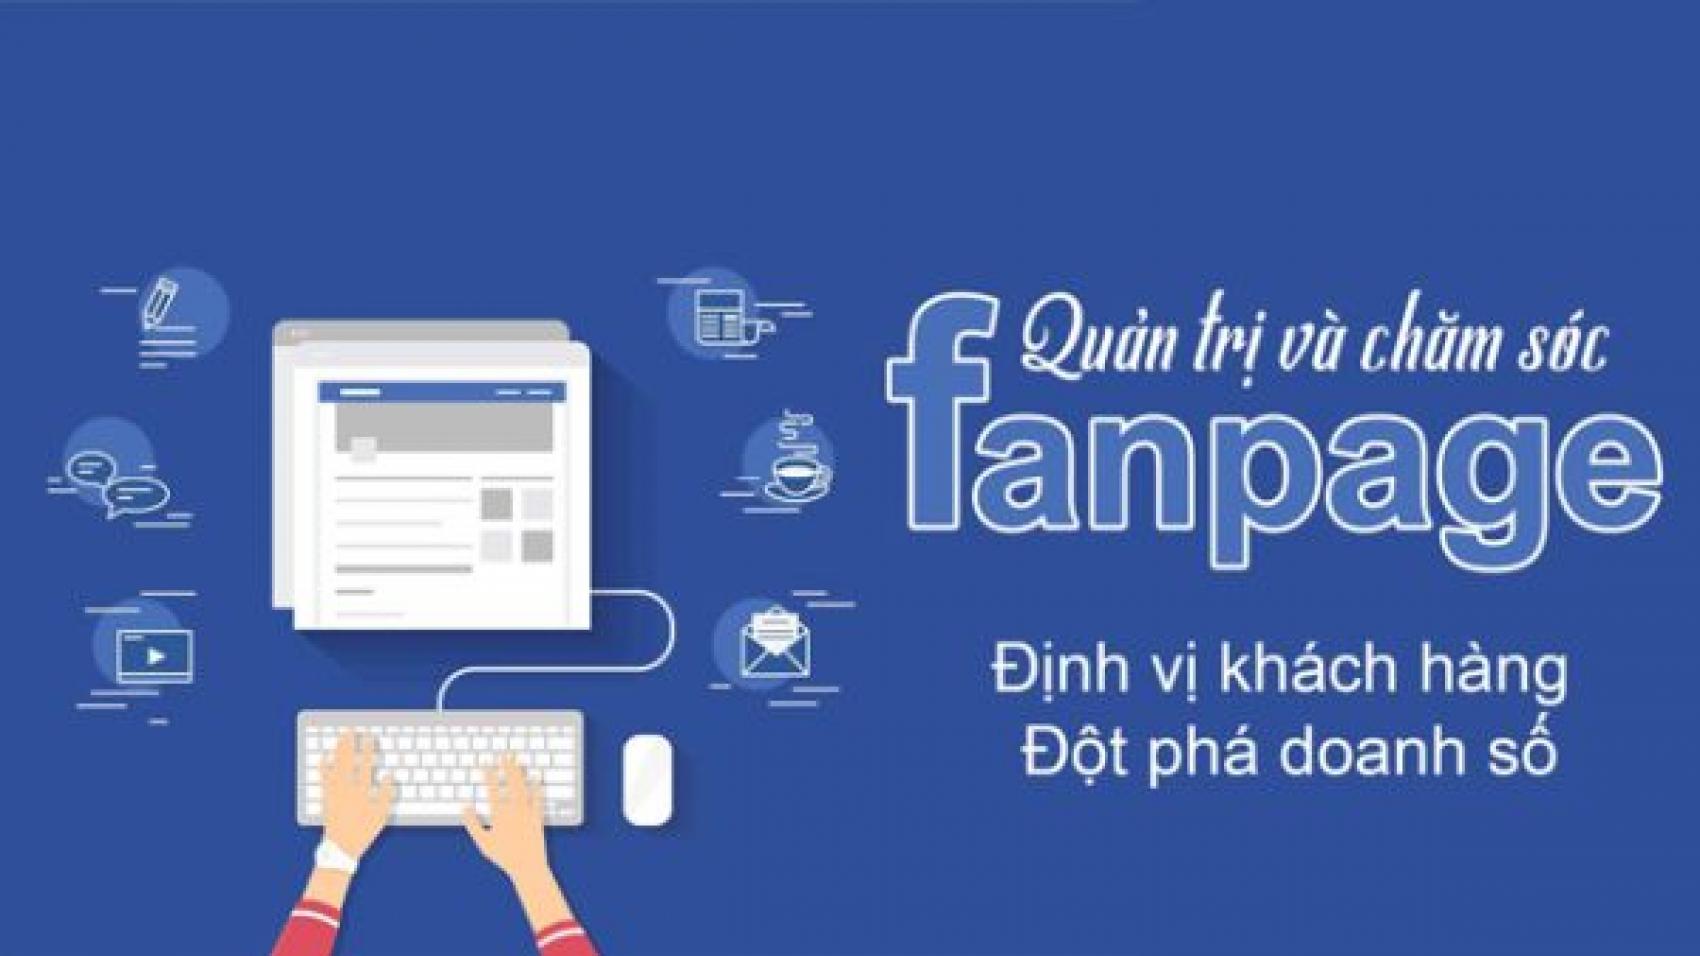 Top 3 dịch vụ chăm sóc Fanpage hàng đầu Việt Nam